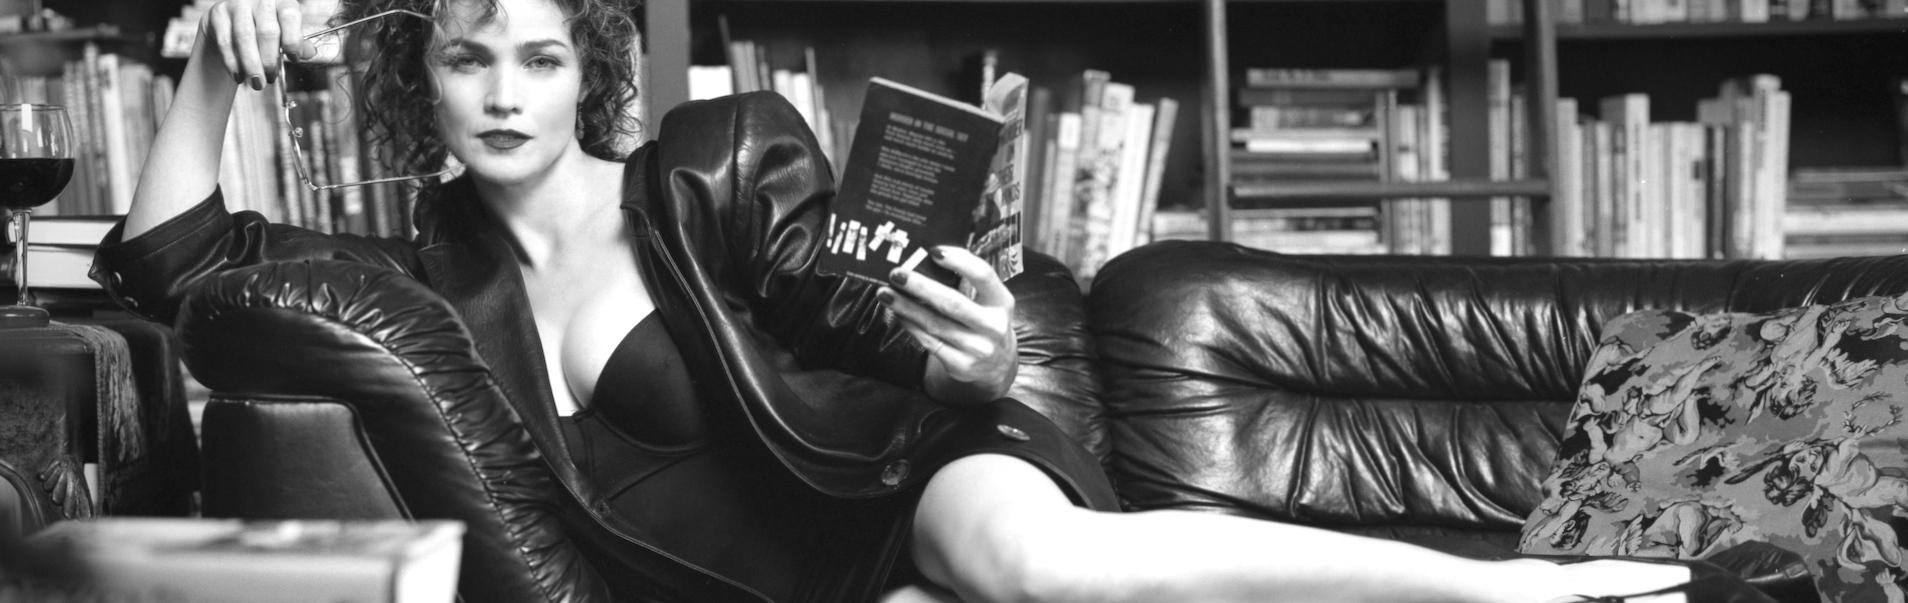 # 27 Rob Doda B&W Couch